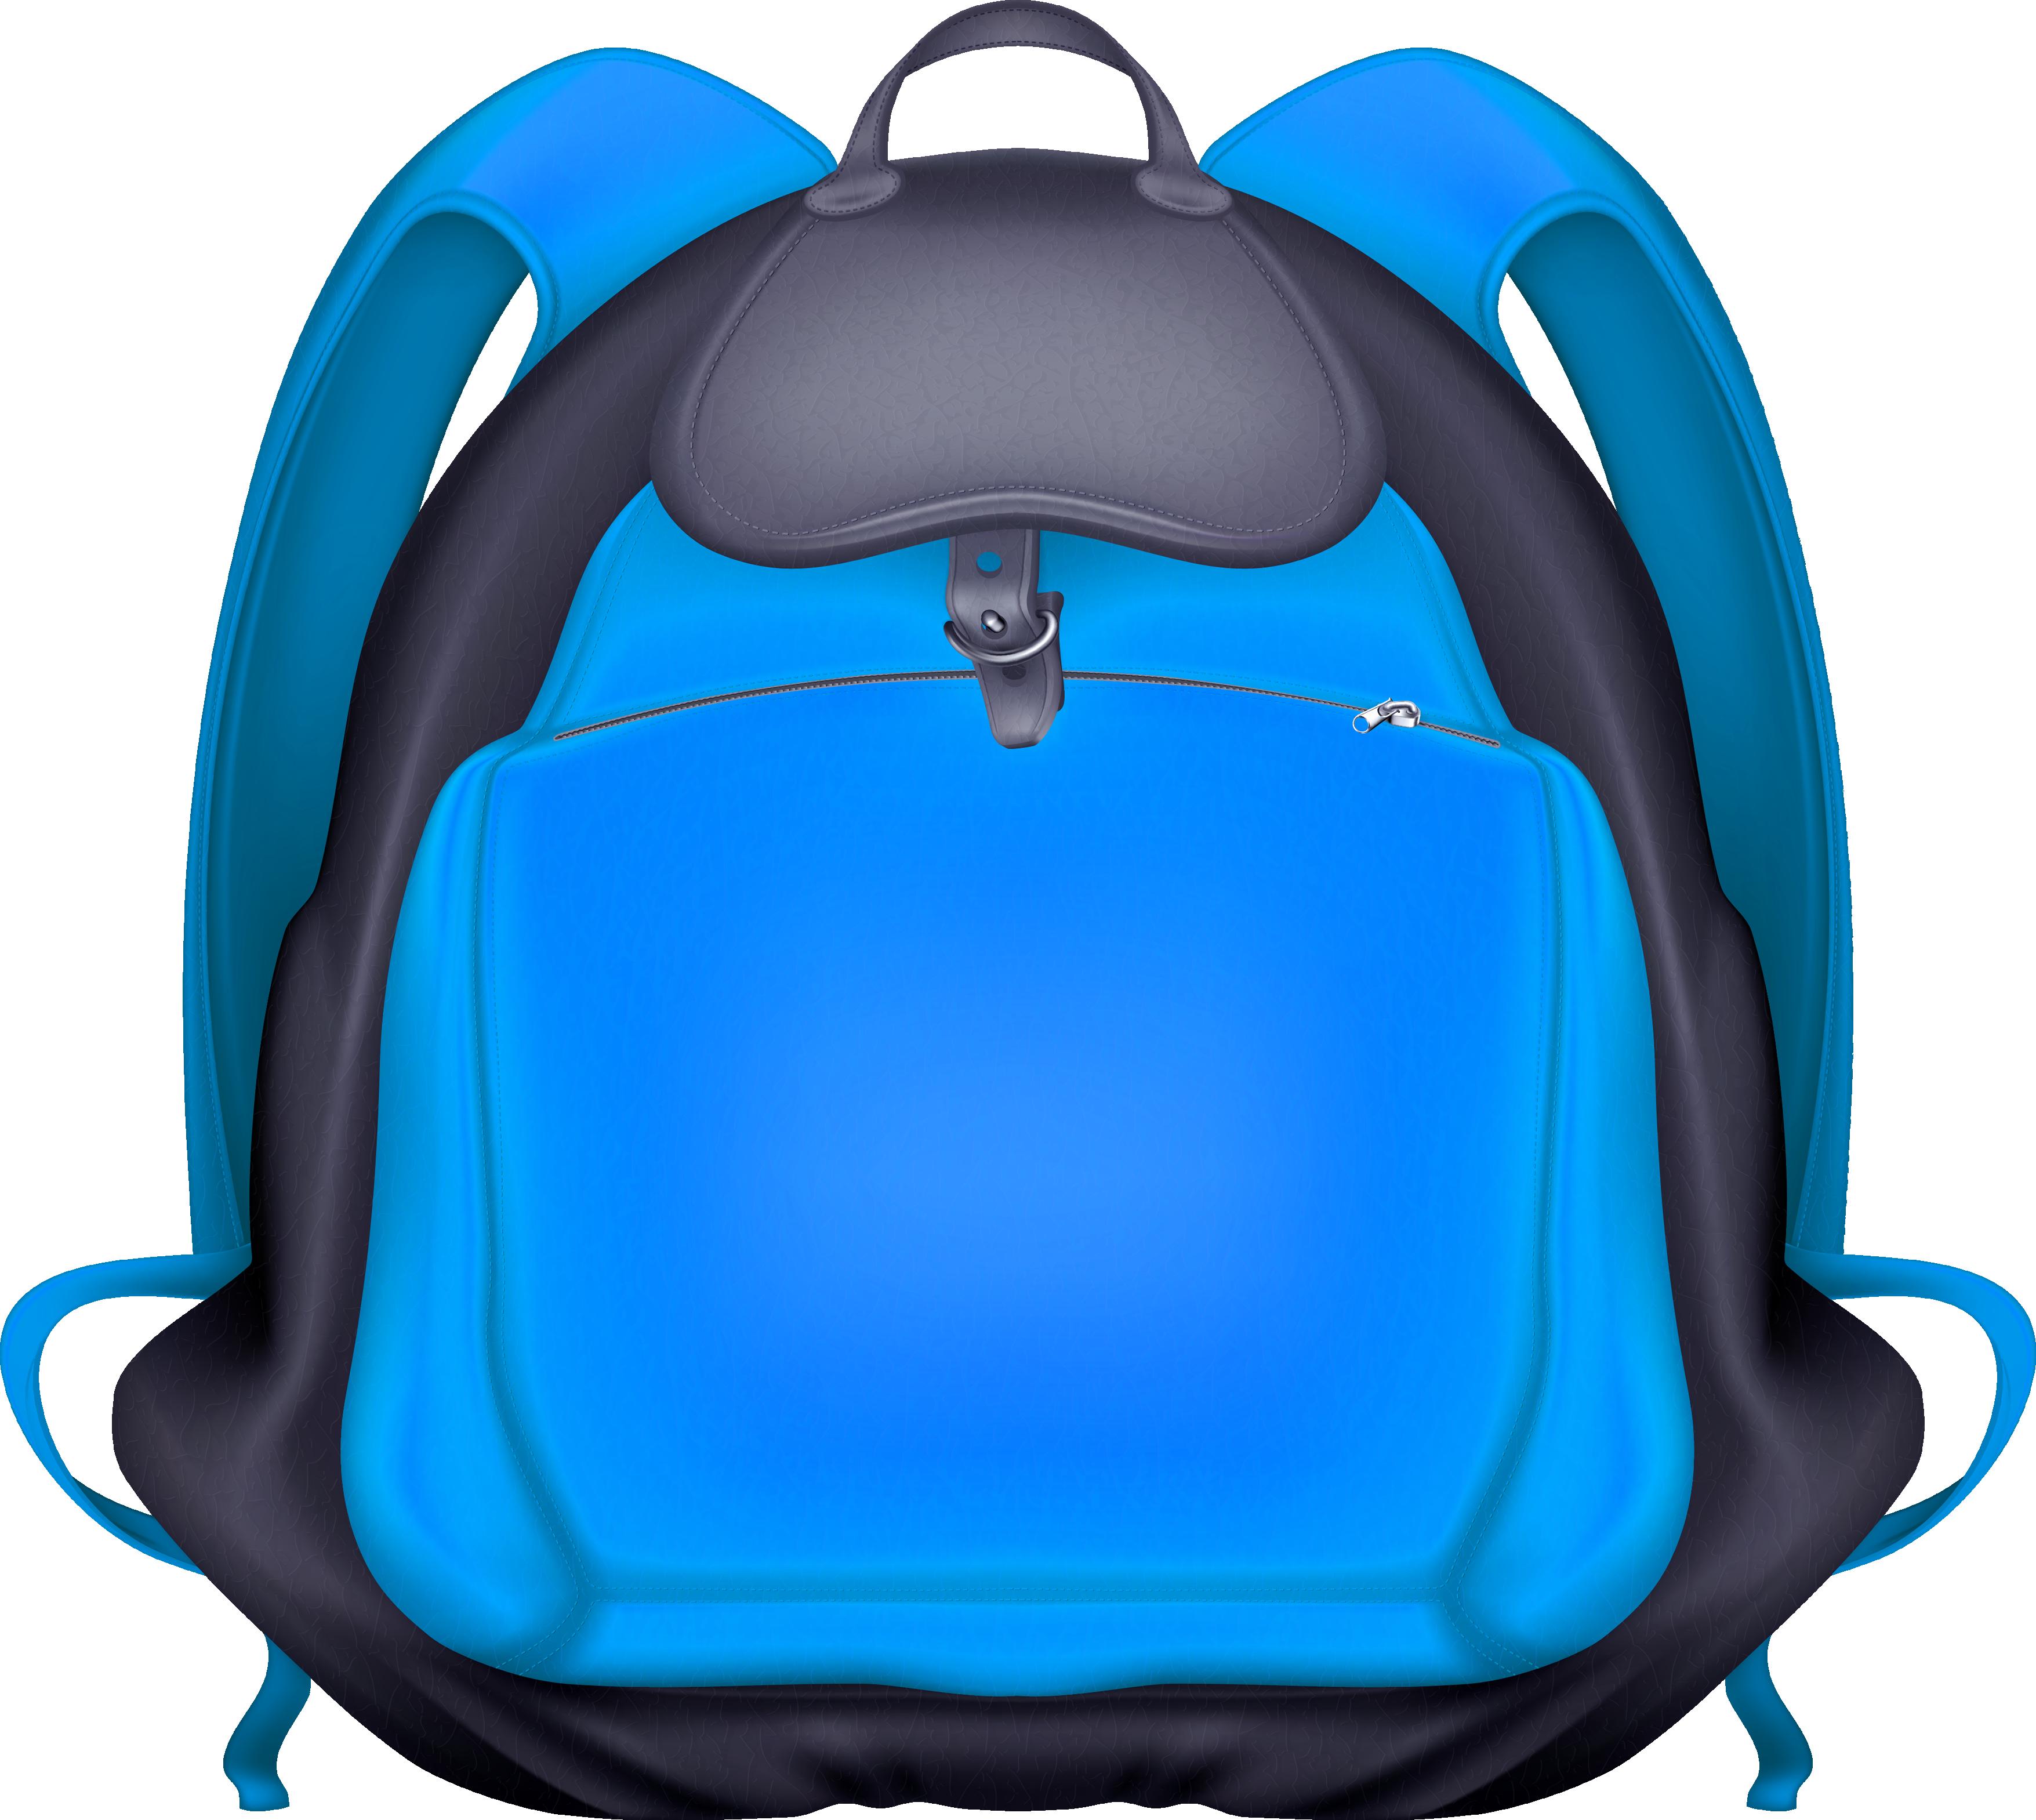 Backpack clipart blue backpack. Transparent png image purepng